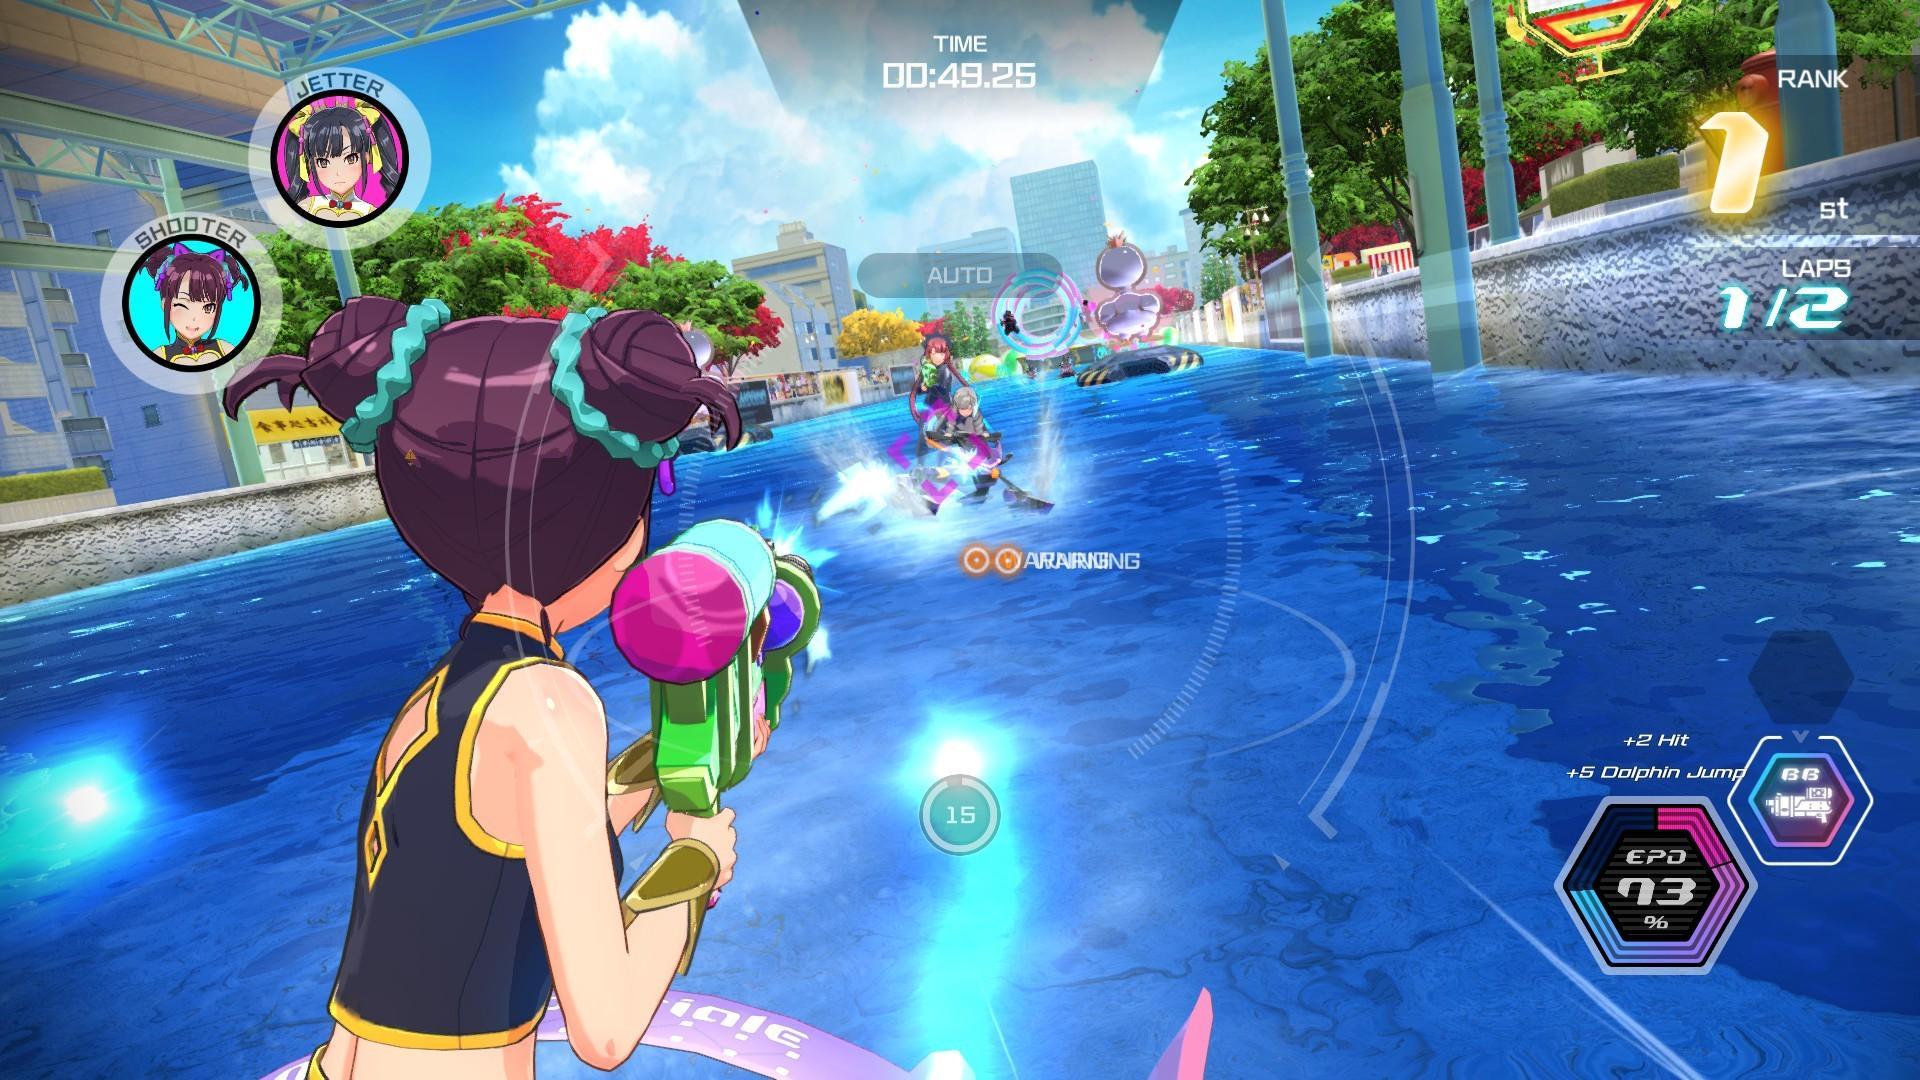 kandagawa jet girls jeu course arcade controle tir